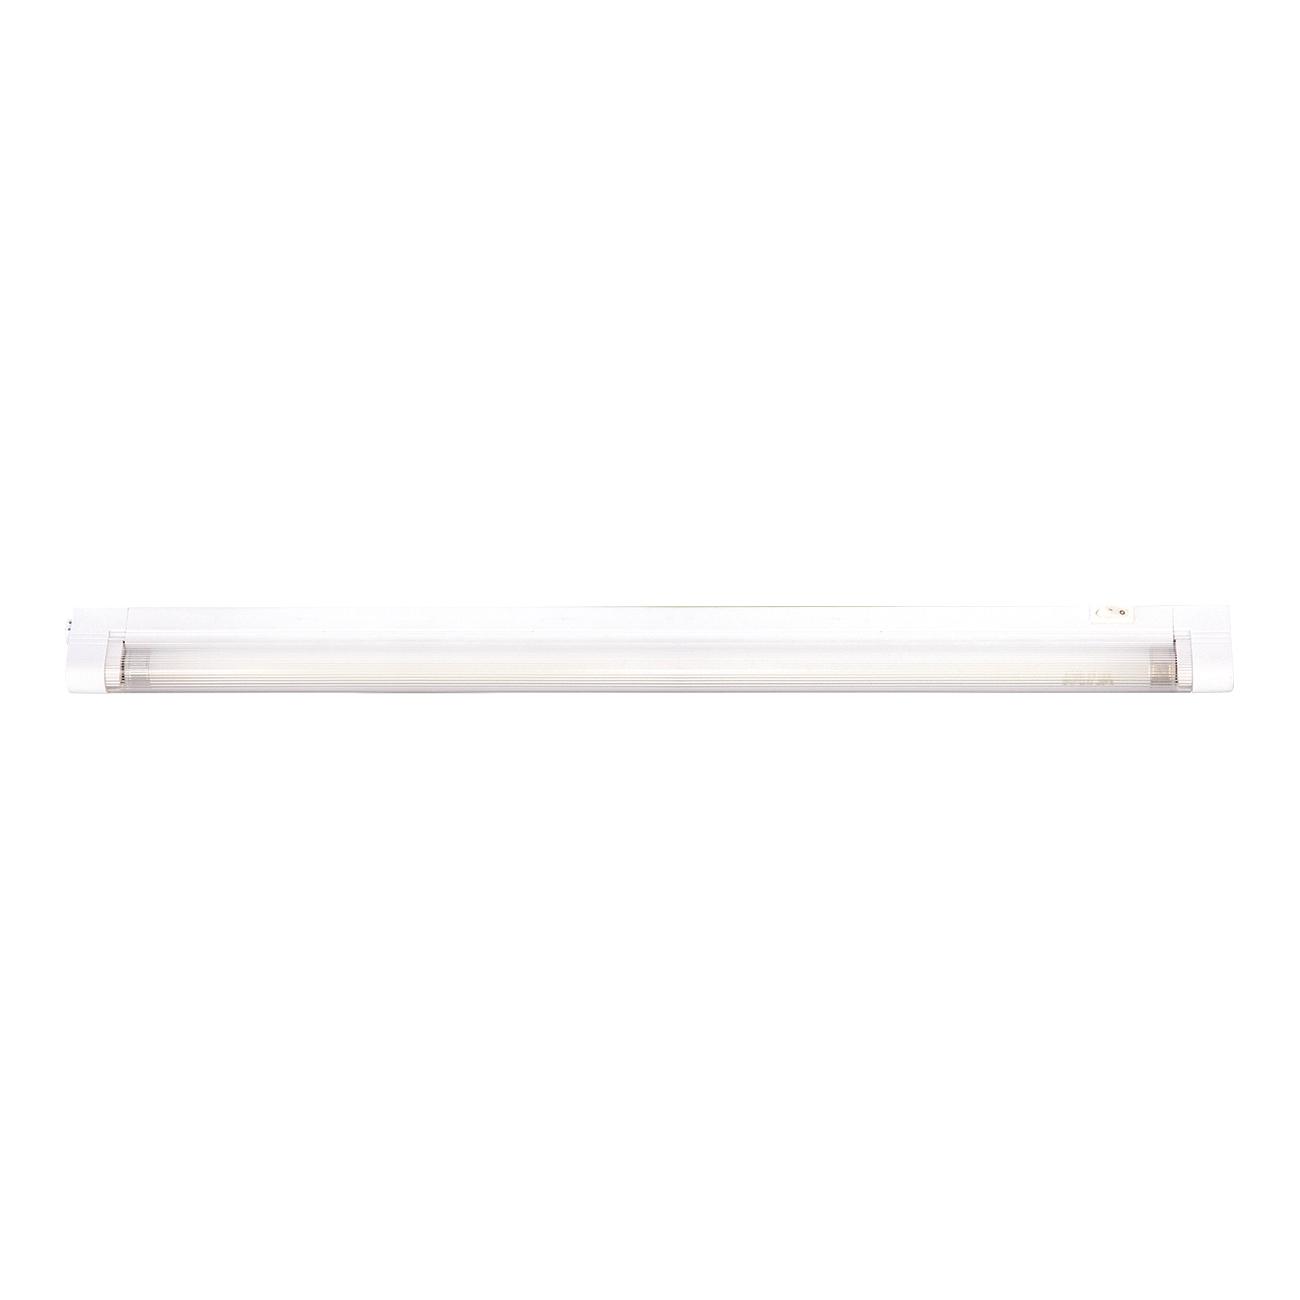 Zářivkové podlinkové svítidlo KABINET 13W/T5/840 - Greenlux (GXIP002)